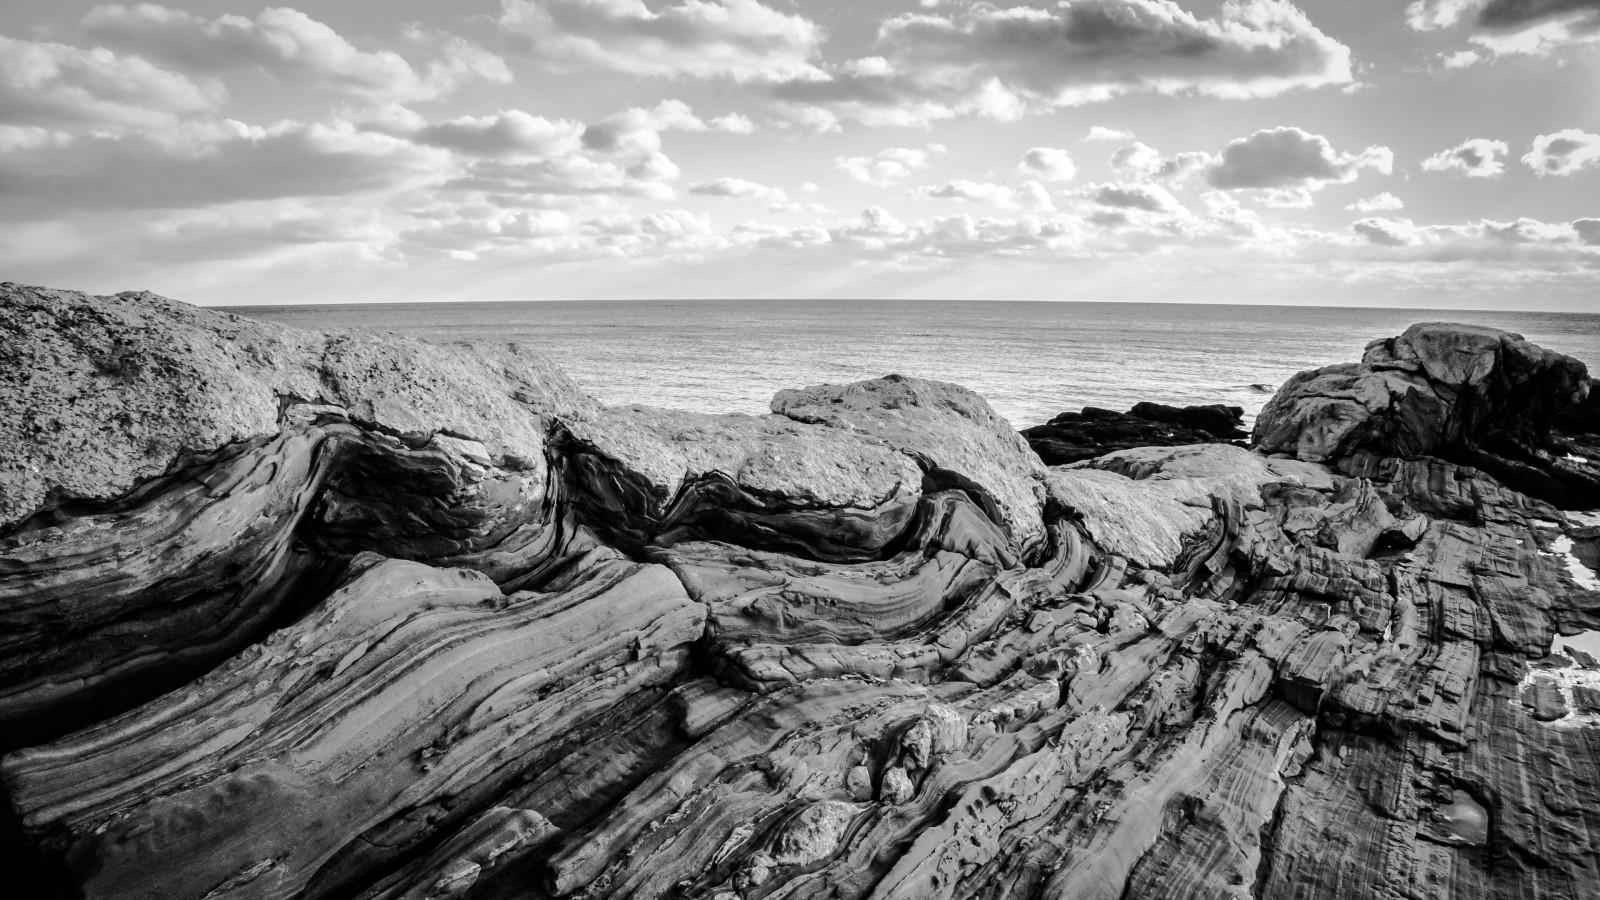 огромные фотографии берег вычерчивании планов учитывается